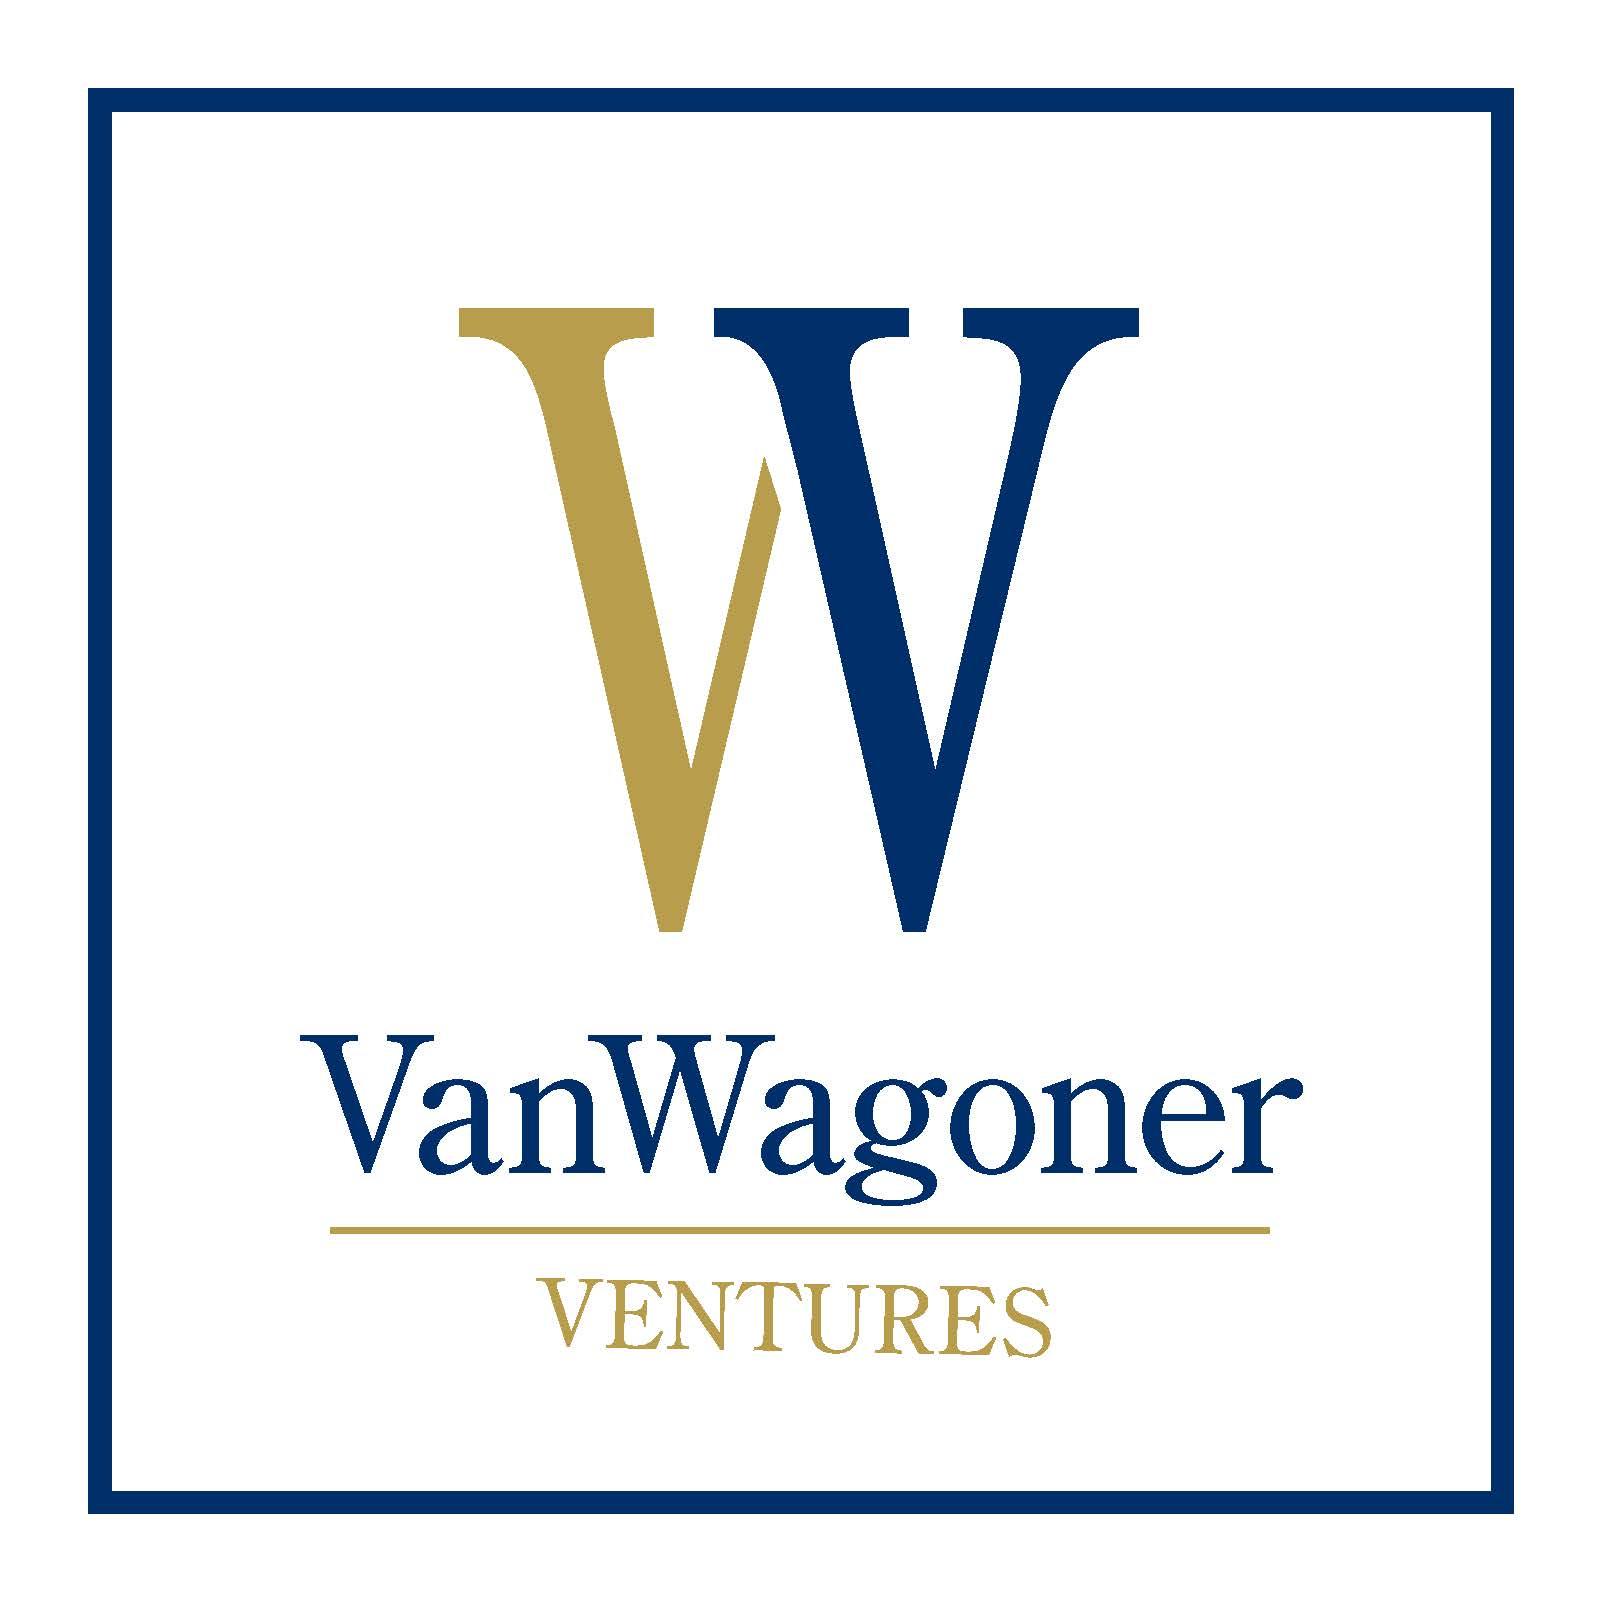 Van Wagoner Ventures Logo